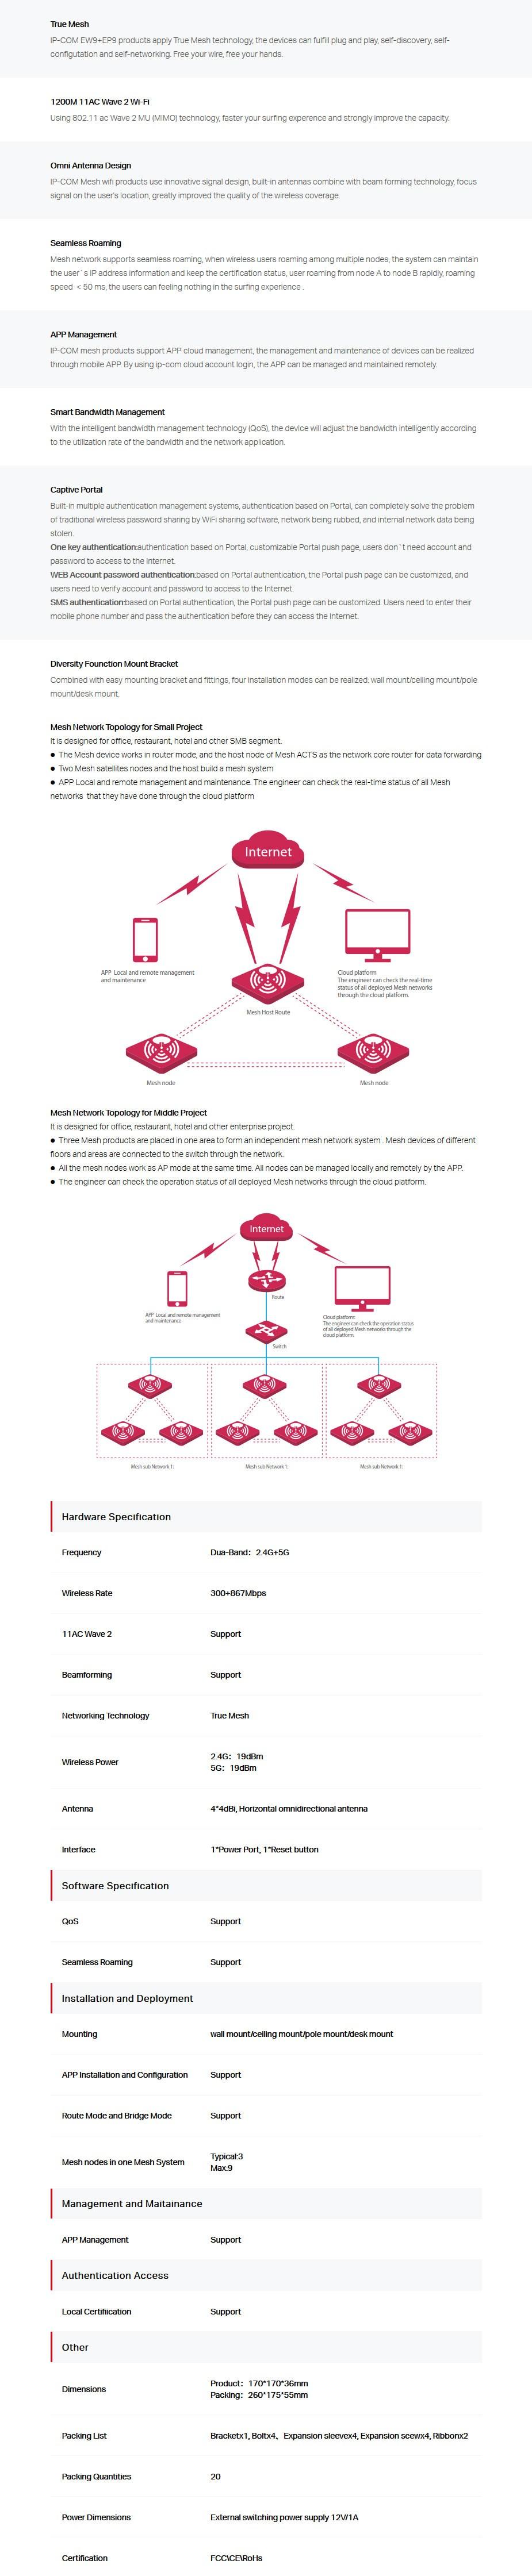 ipcom-ep9-ac1200-enterprise-mesh-wifi-range-extender-ac28645-8.jpg